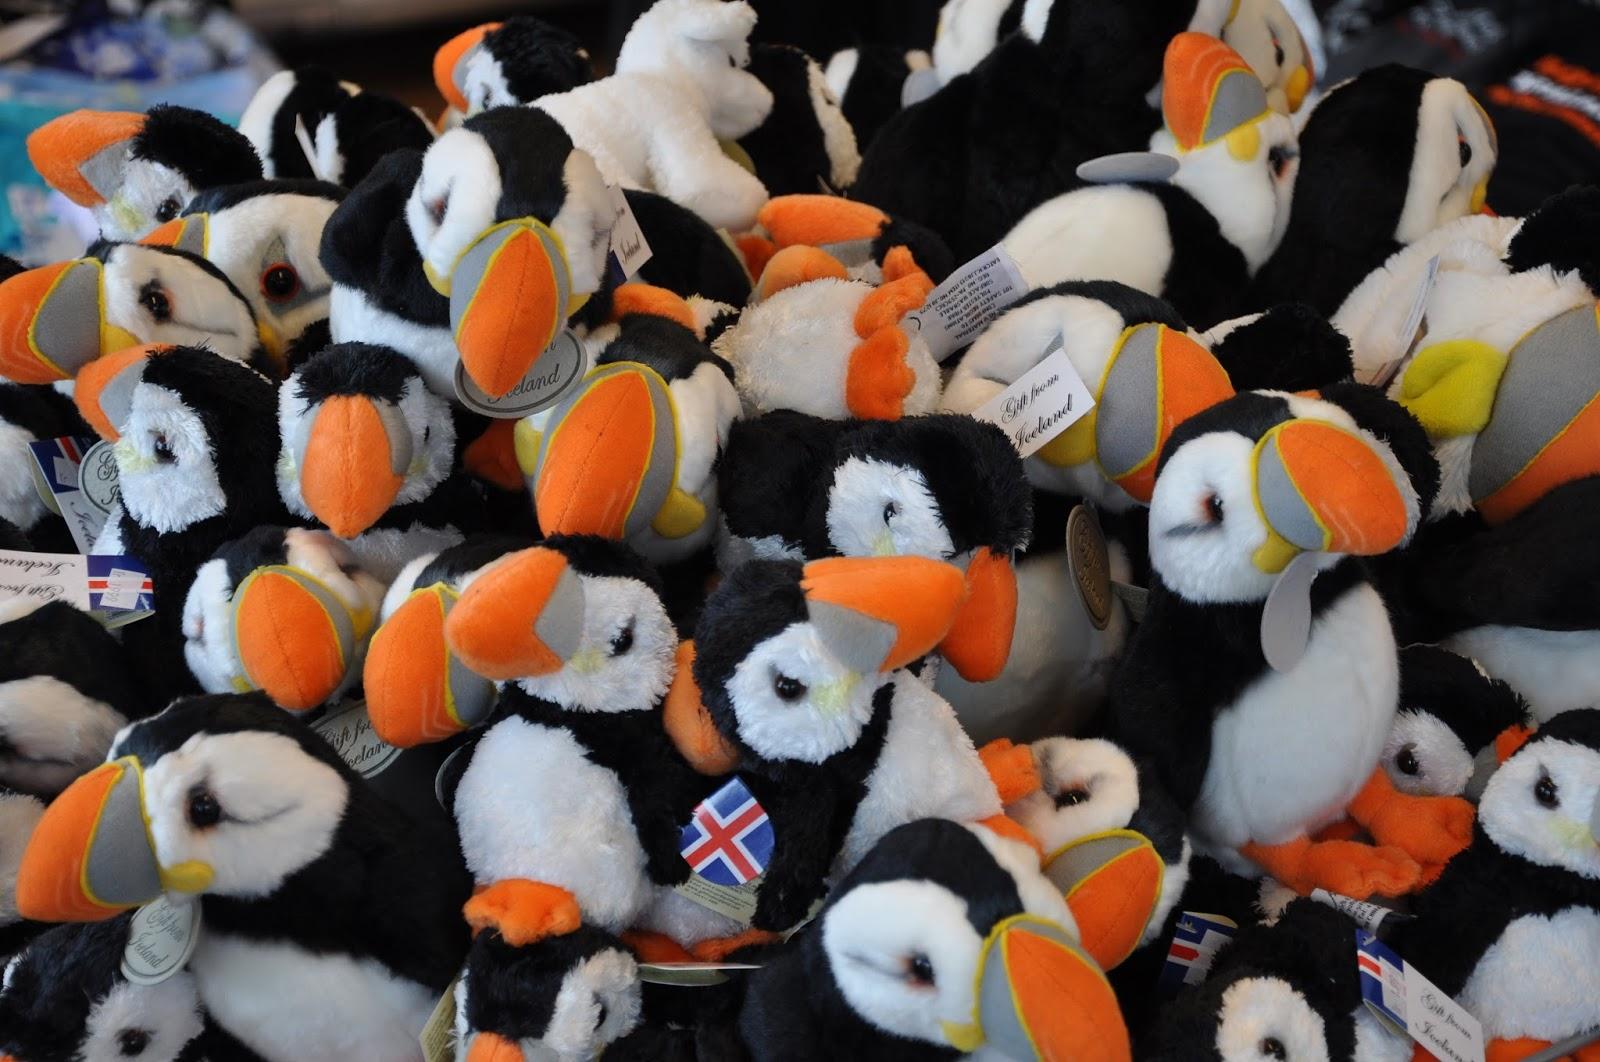 grattis på födelsedagen isländska Mimmimariesböcker: Mat, djur, födelsedag och lite annat från Island grattis på födelsedagen isländska